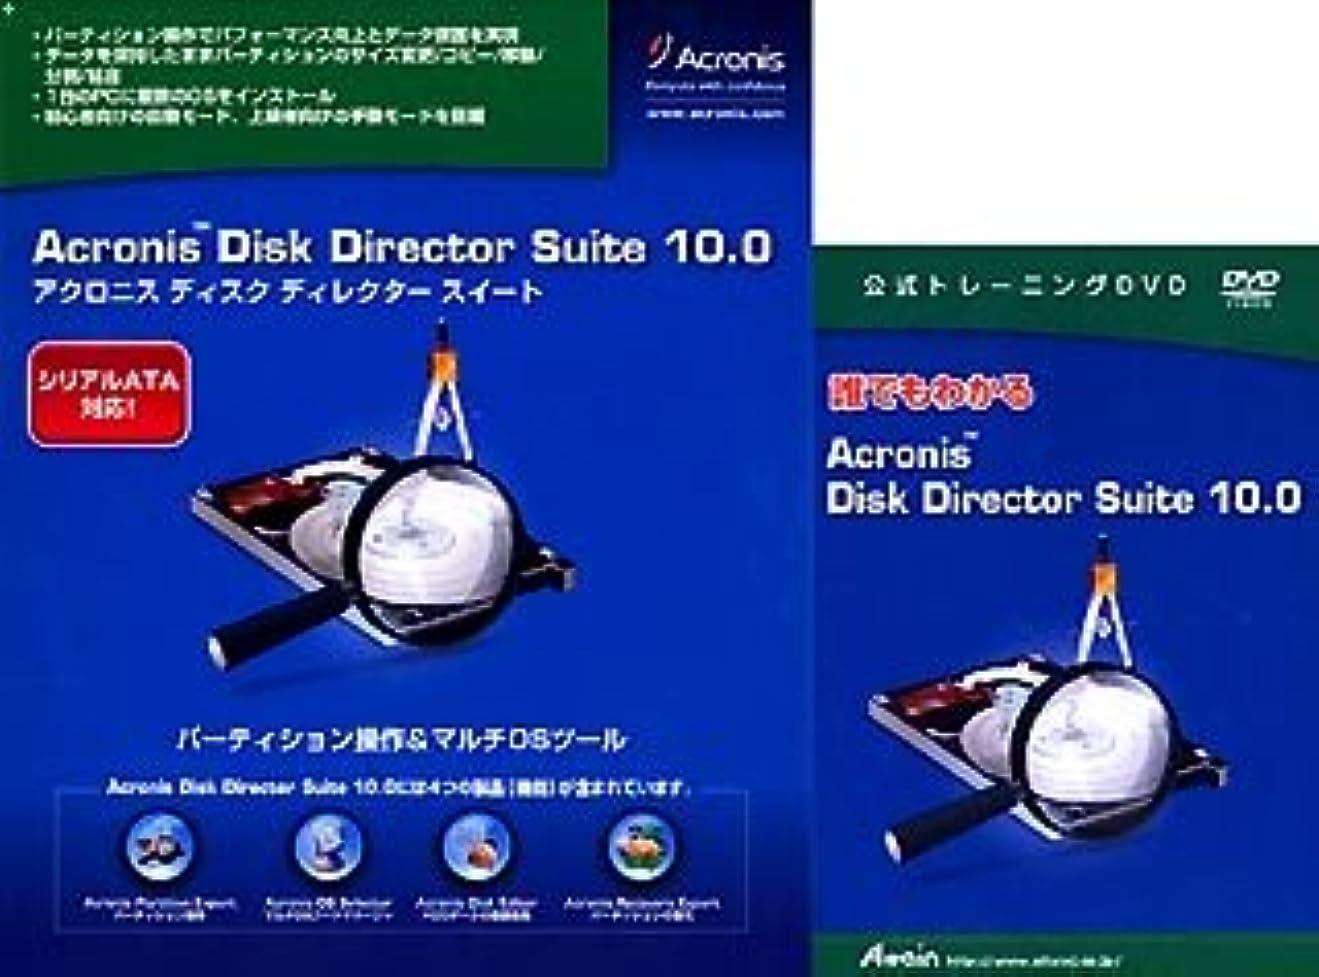 カイウスチャップ光景Acronis Disk Director Suite 10.0 トレーニングDVDバンドル版